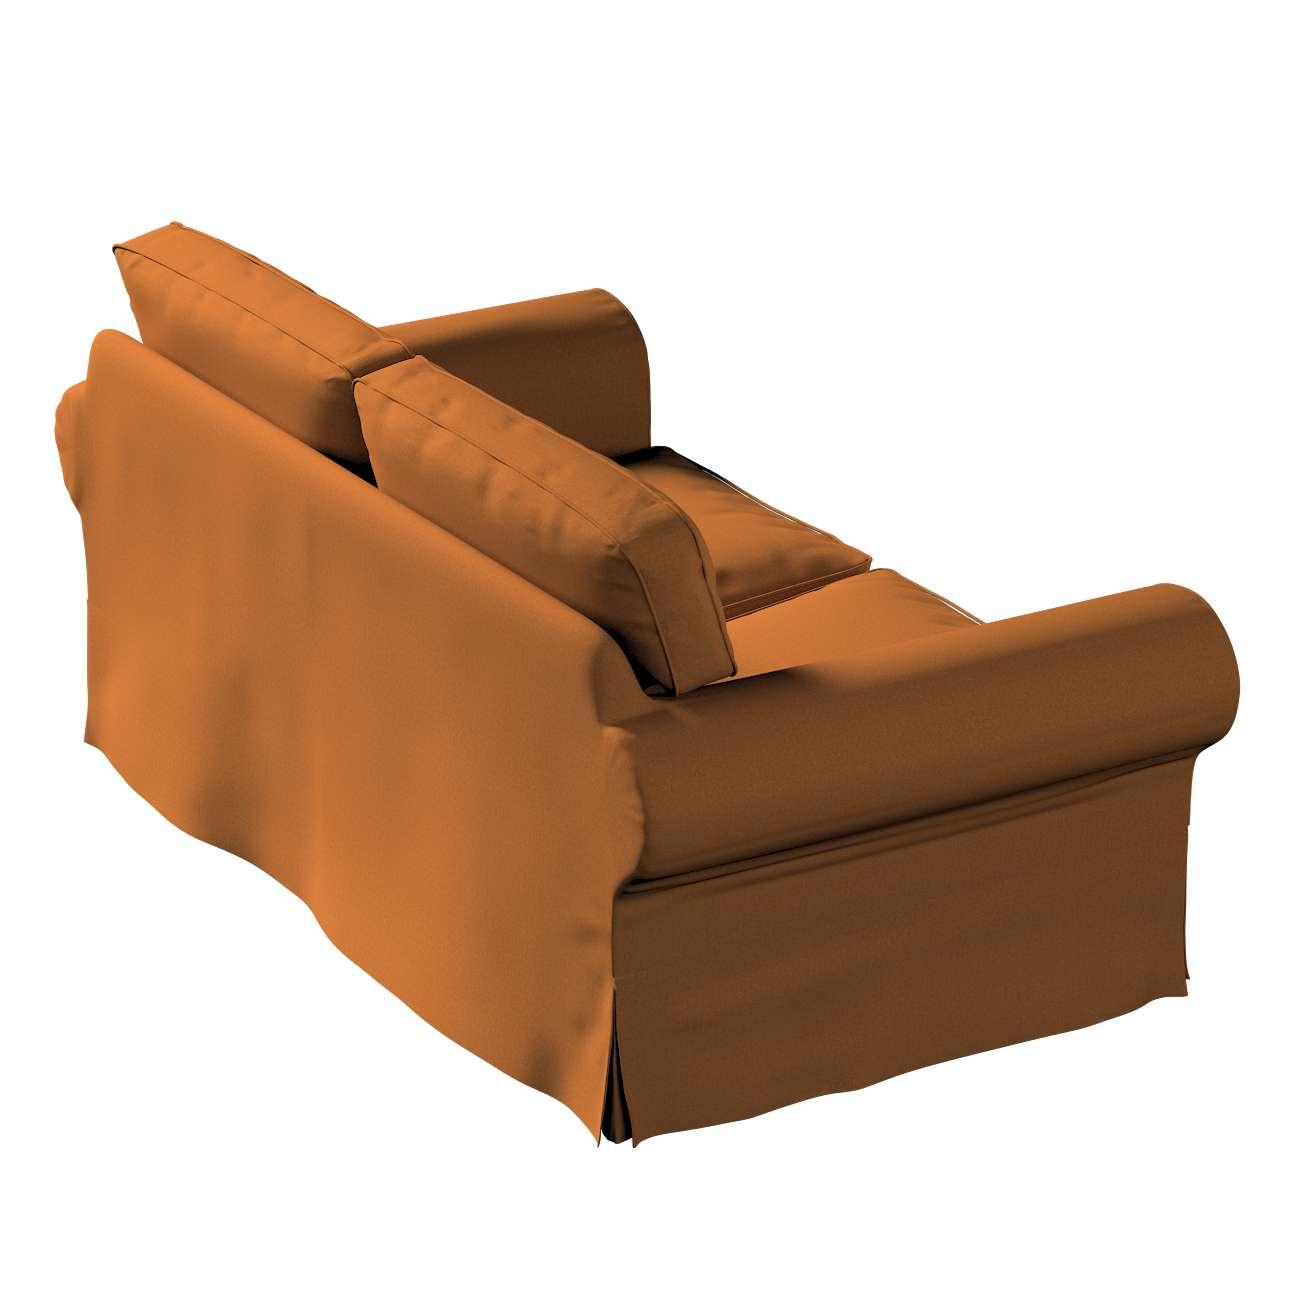 Pokrowiec na sofę Ektorp 2-osobową rozkładaną, model po 2012 w kolekcji Living, tkanina: 161-28